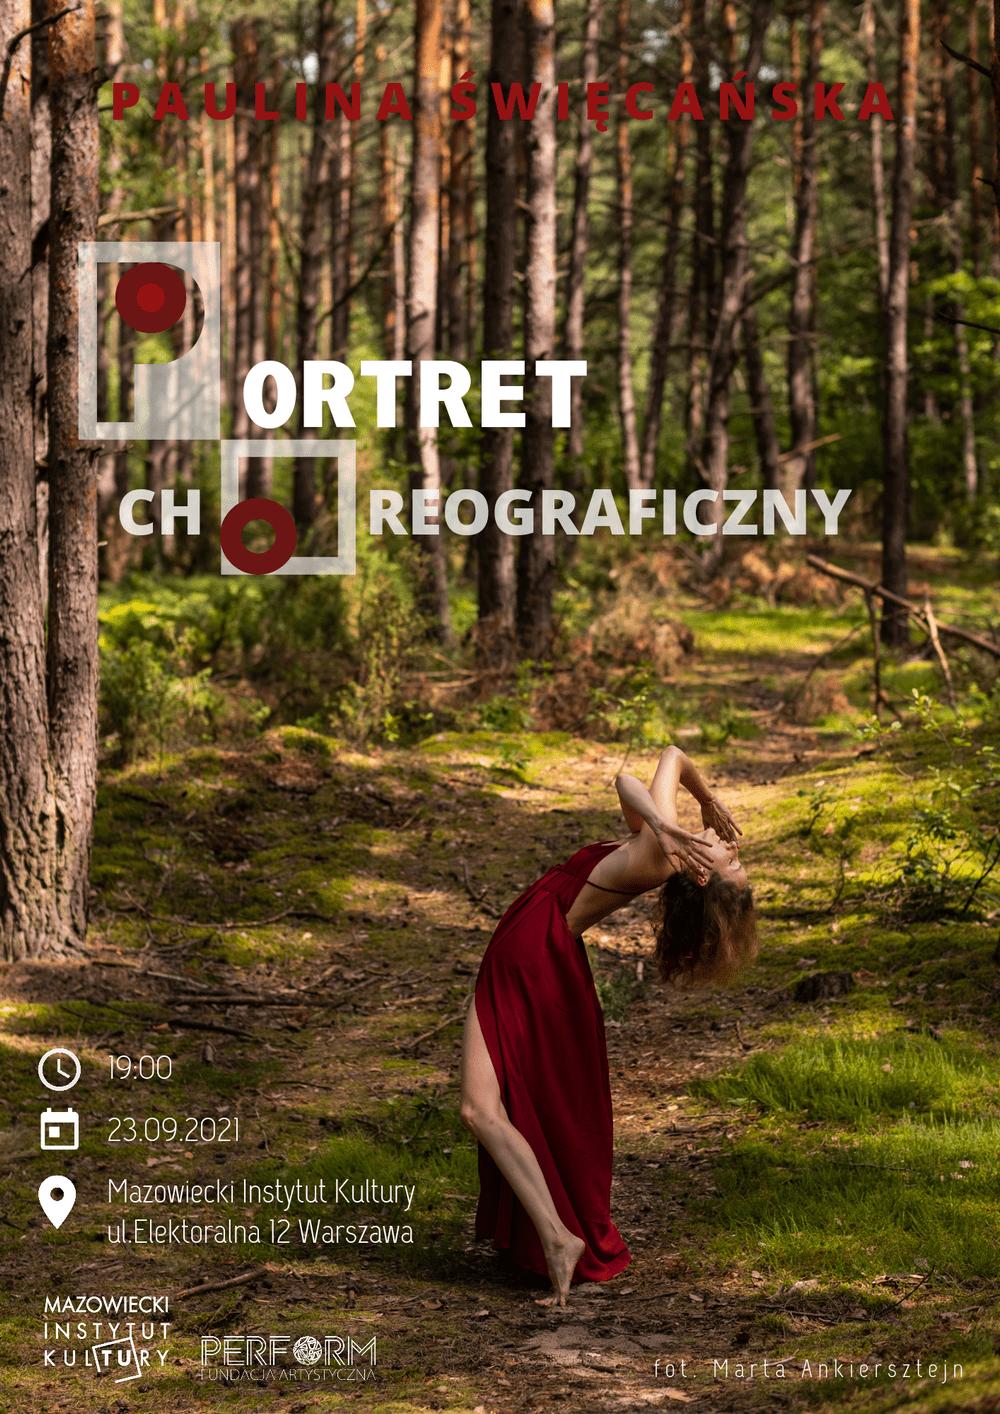 fotografia: Paulina Święcańska w czerwonej sukni na leśnej drodze, ekspresyjnie wygięta do tyłu